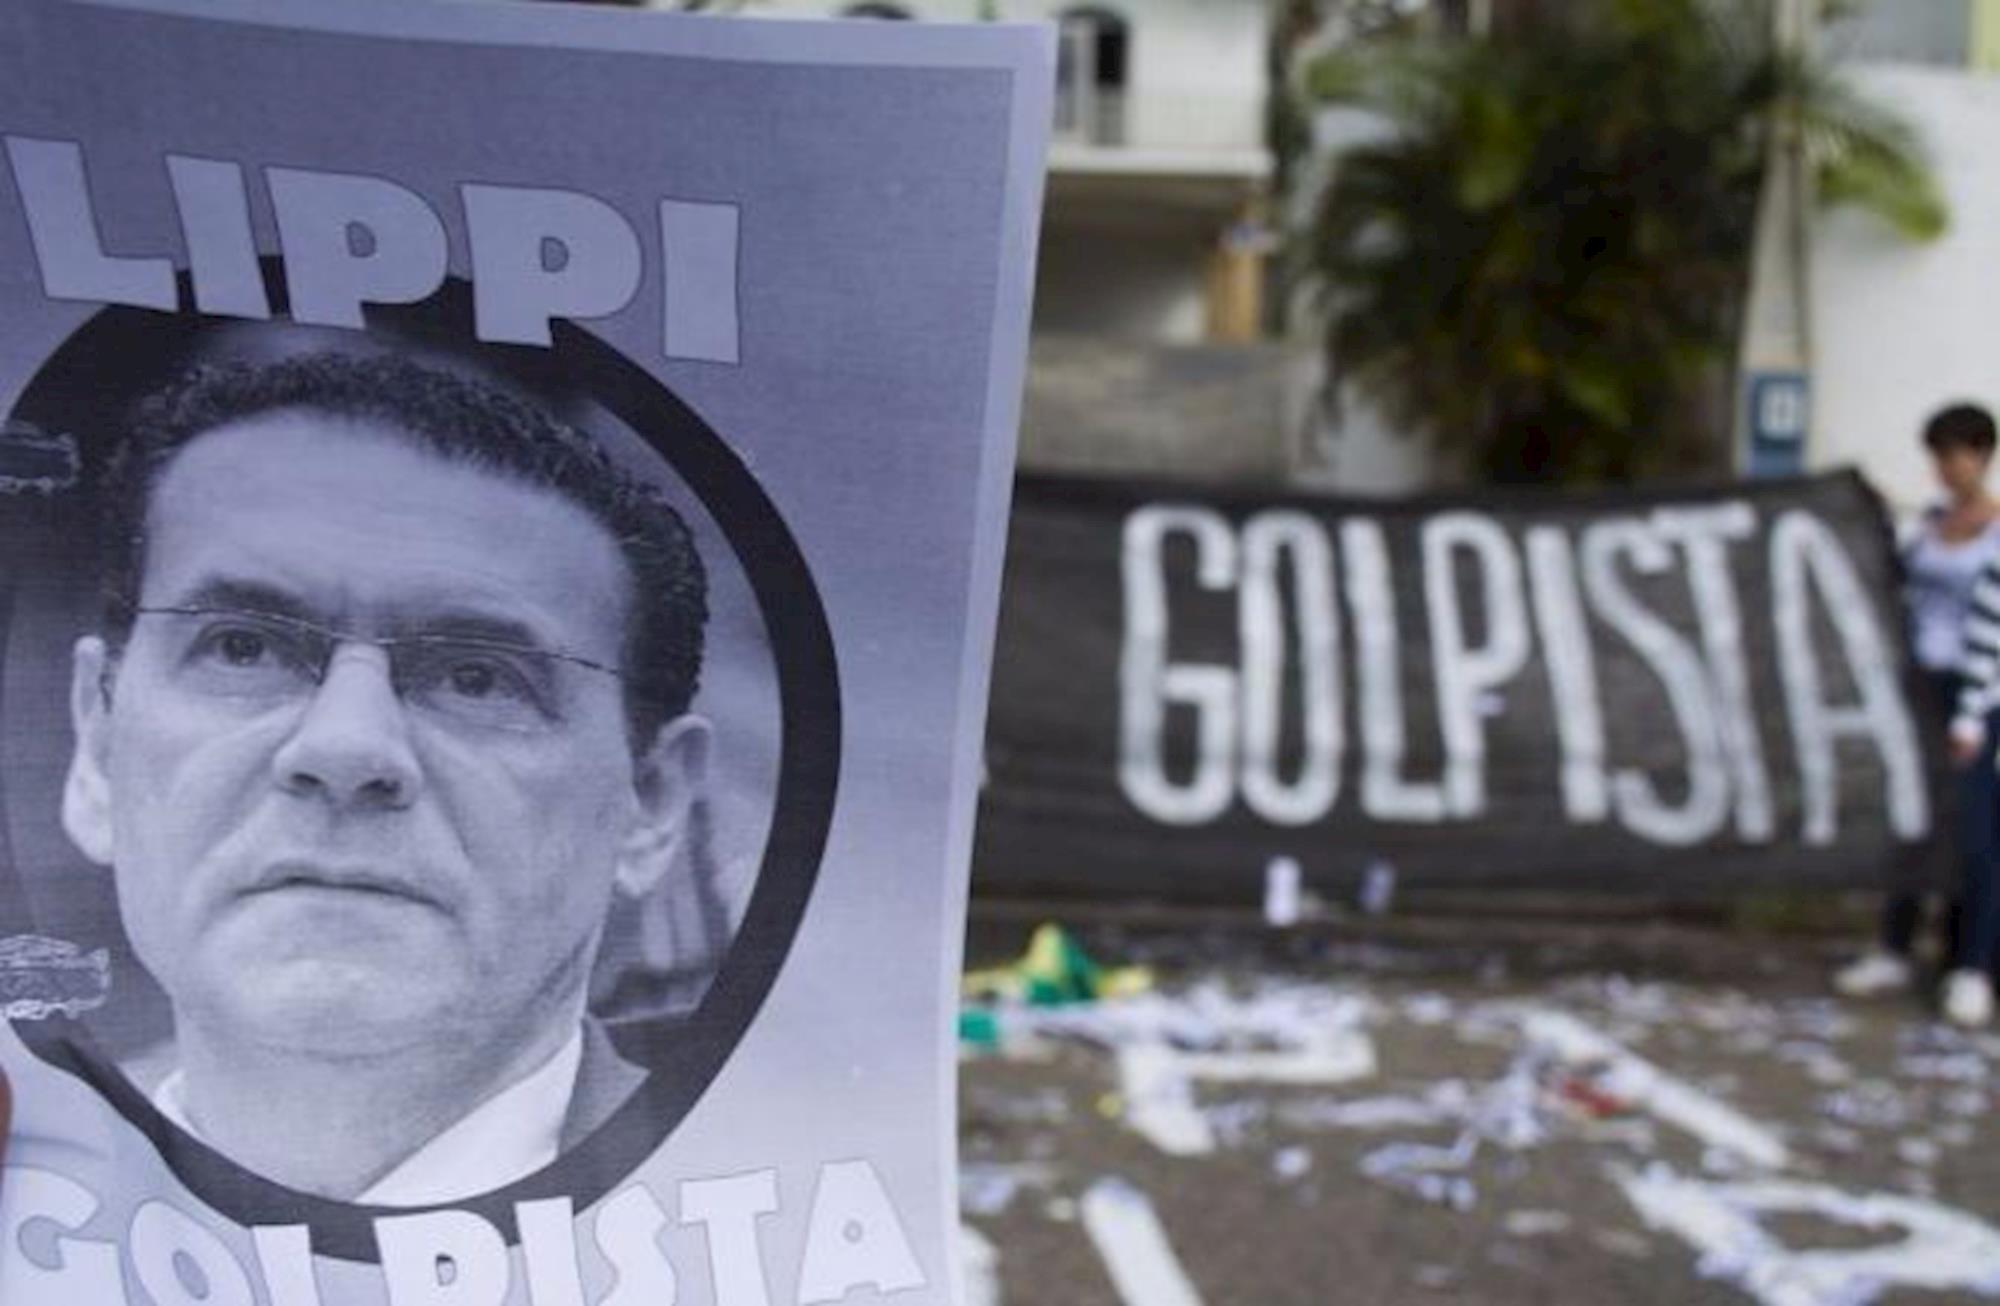 Vitor, Lippi, Terceirização, Leandro Gonçalves / Levante Popular da Juventude